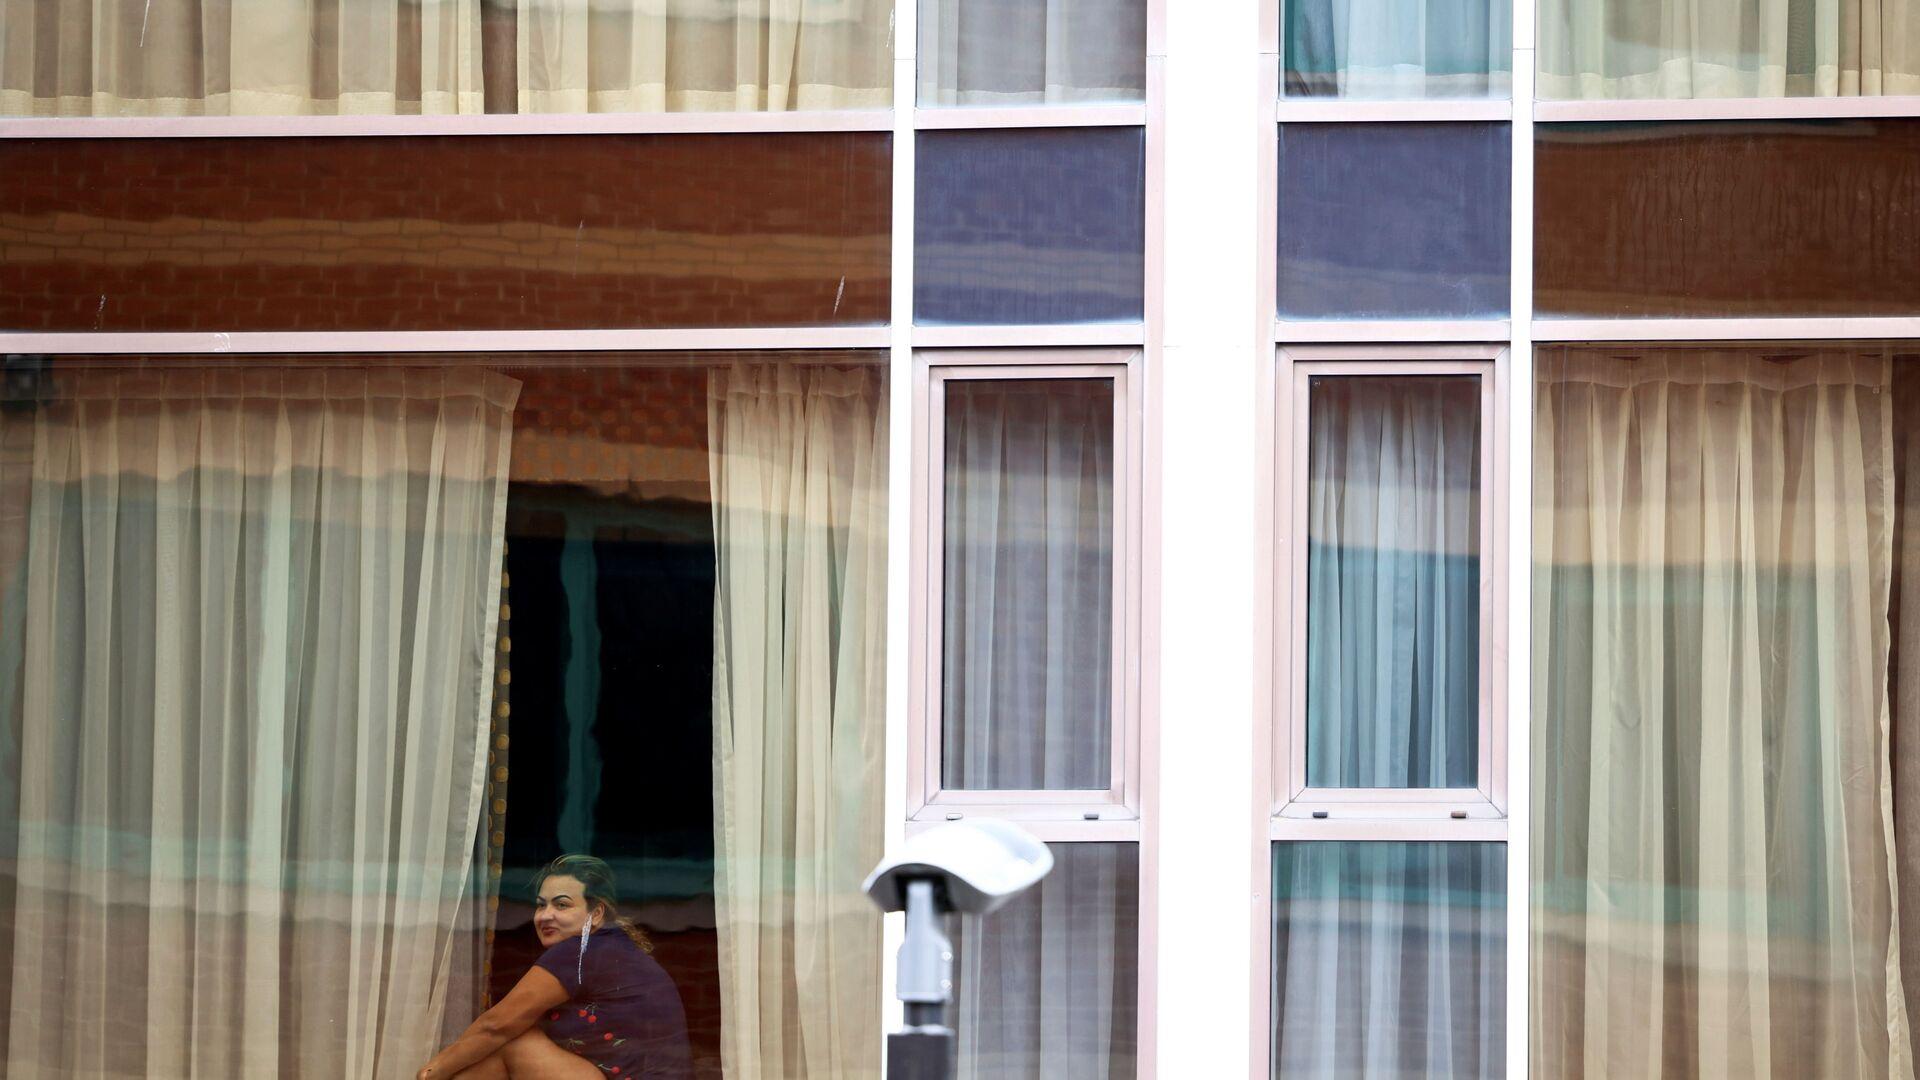 Женщина смотрит из окна отеля Radisson Blu в аэропорту Хитроу, Лондон, Великобритания - Sputnik Латвия, 1920, 01.03.2021